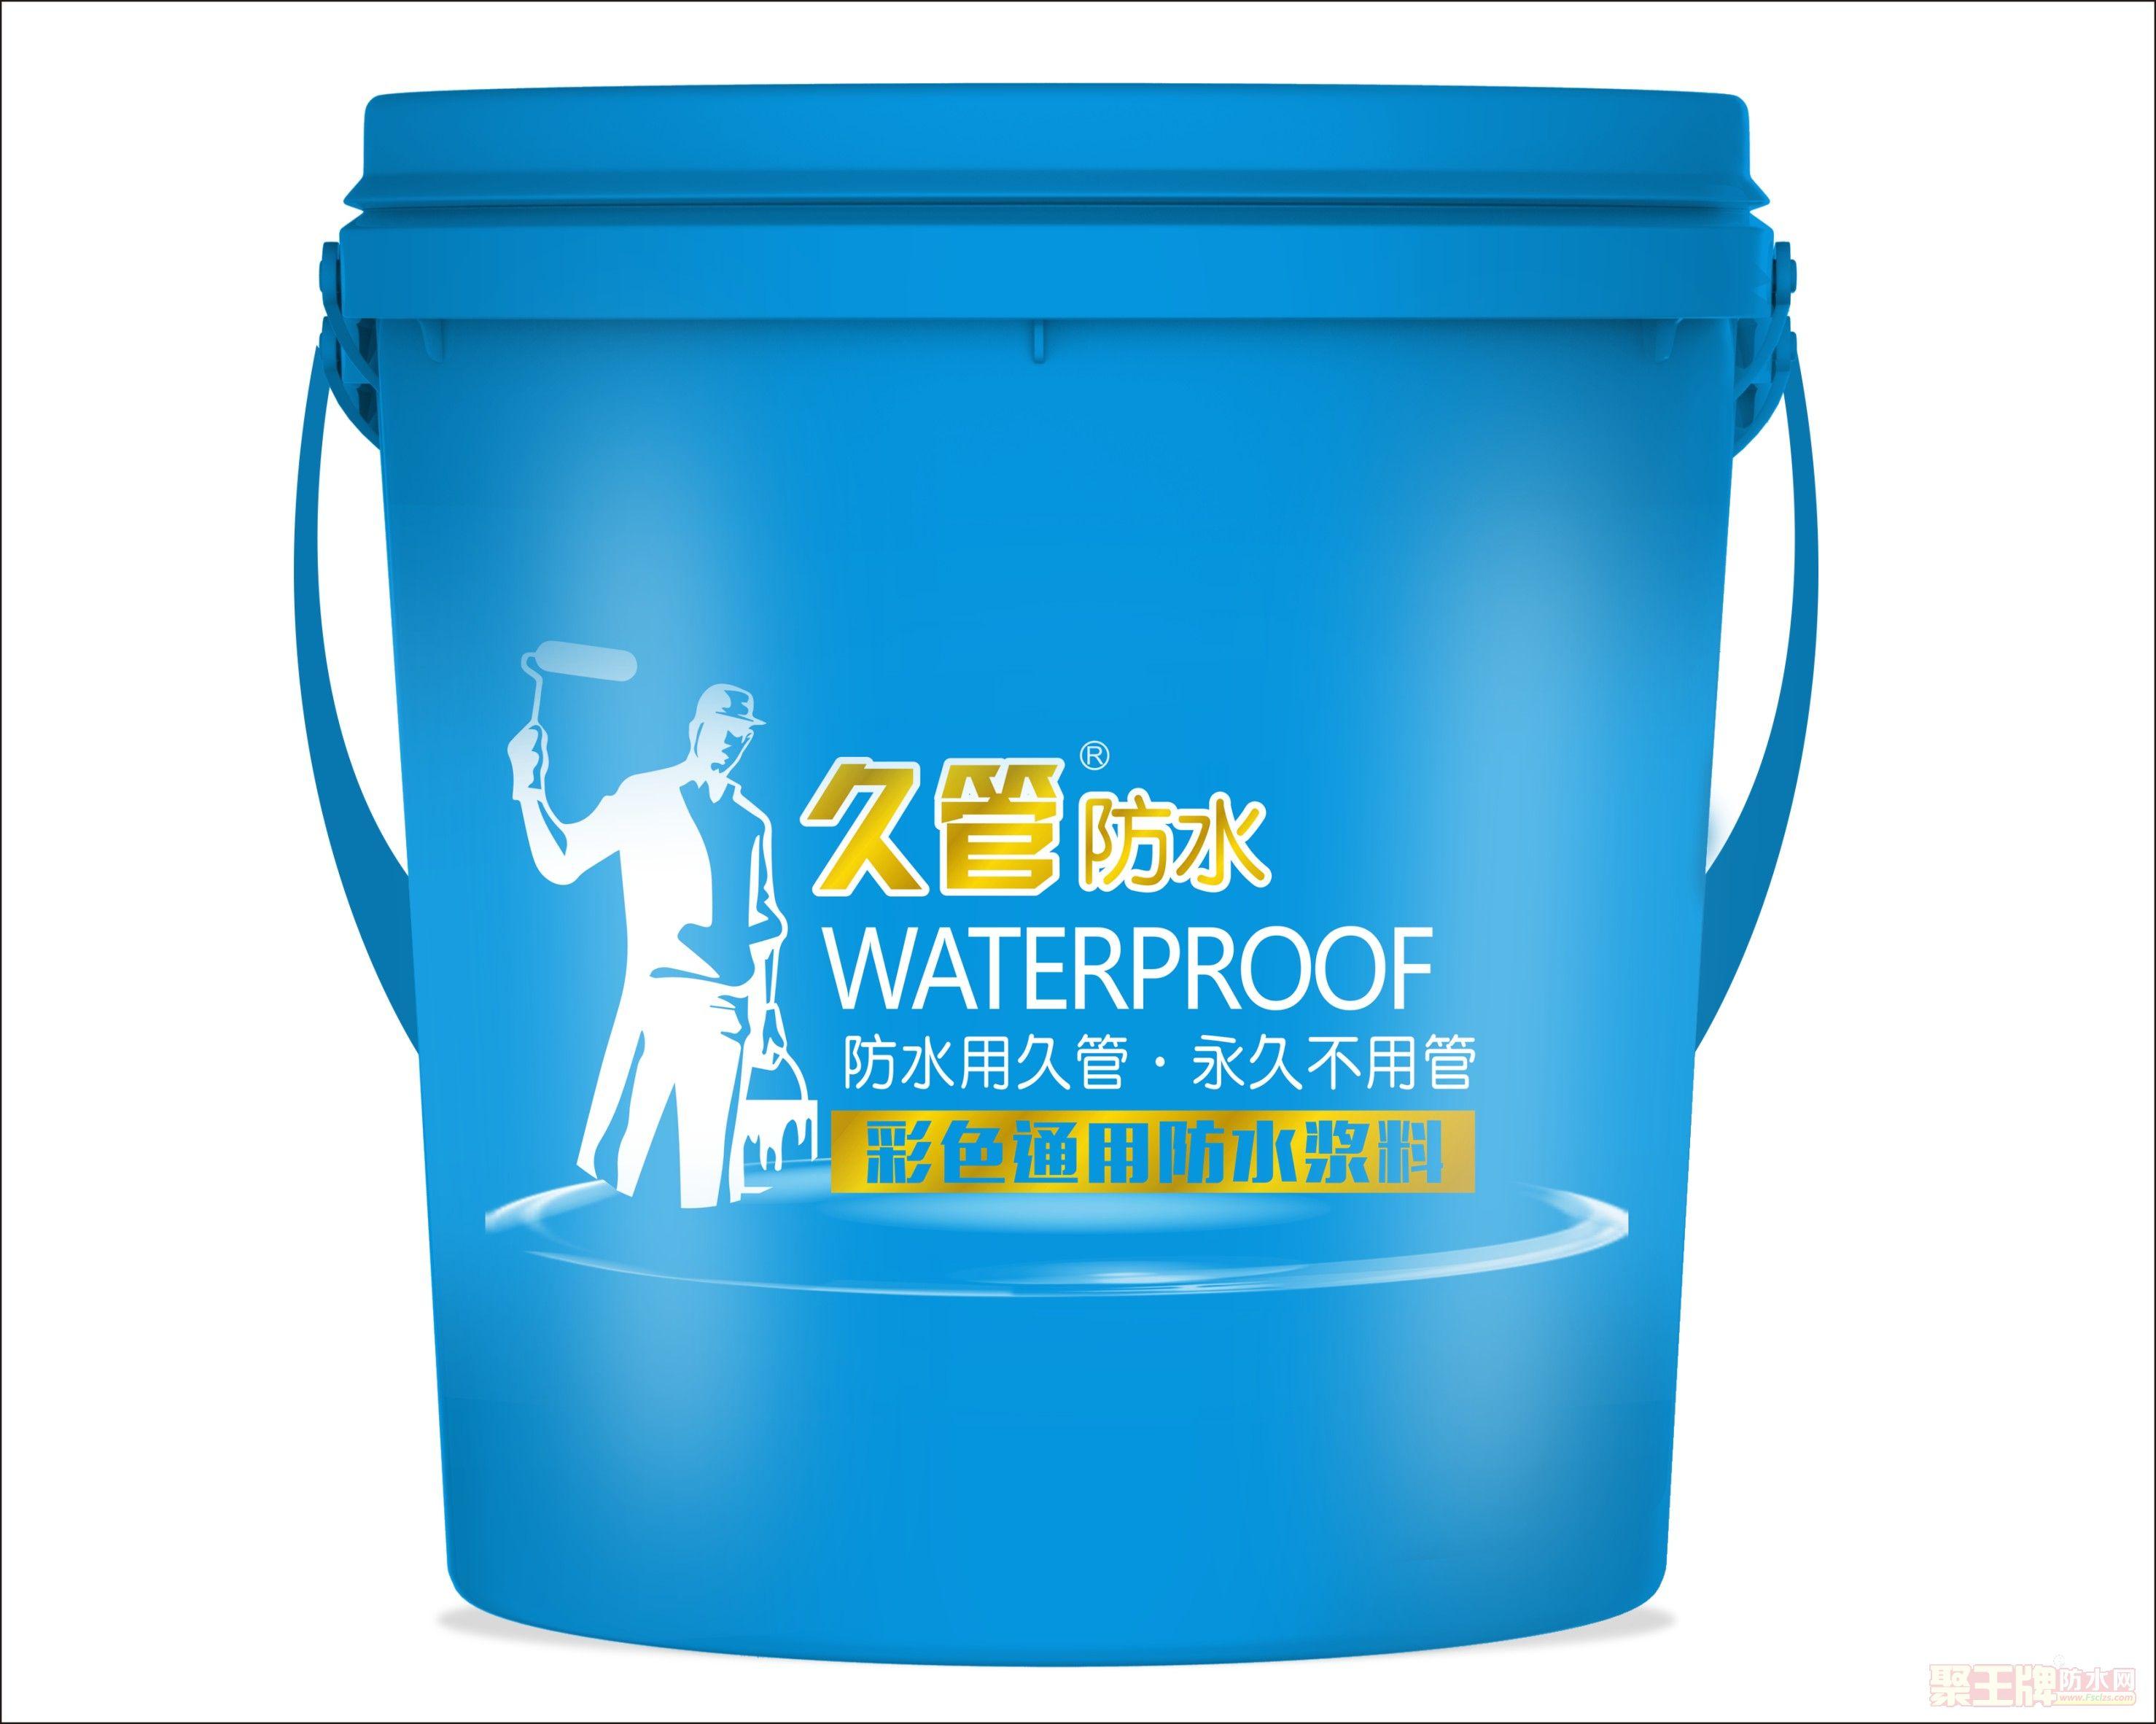 久管防水:如何挑选防水涂料?(一)